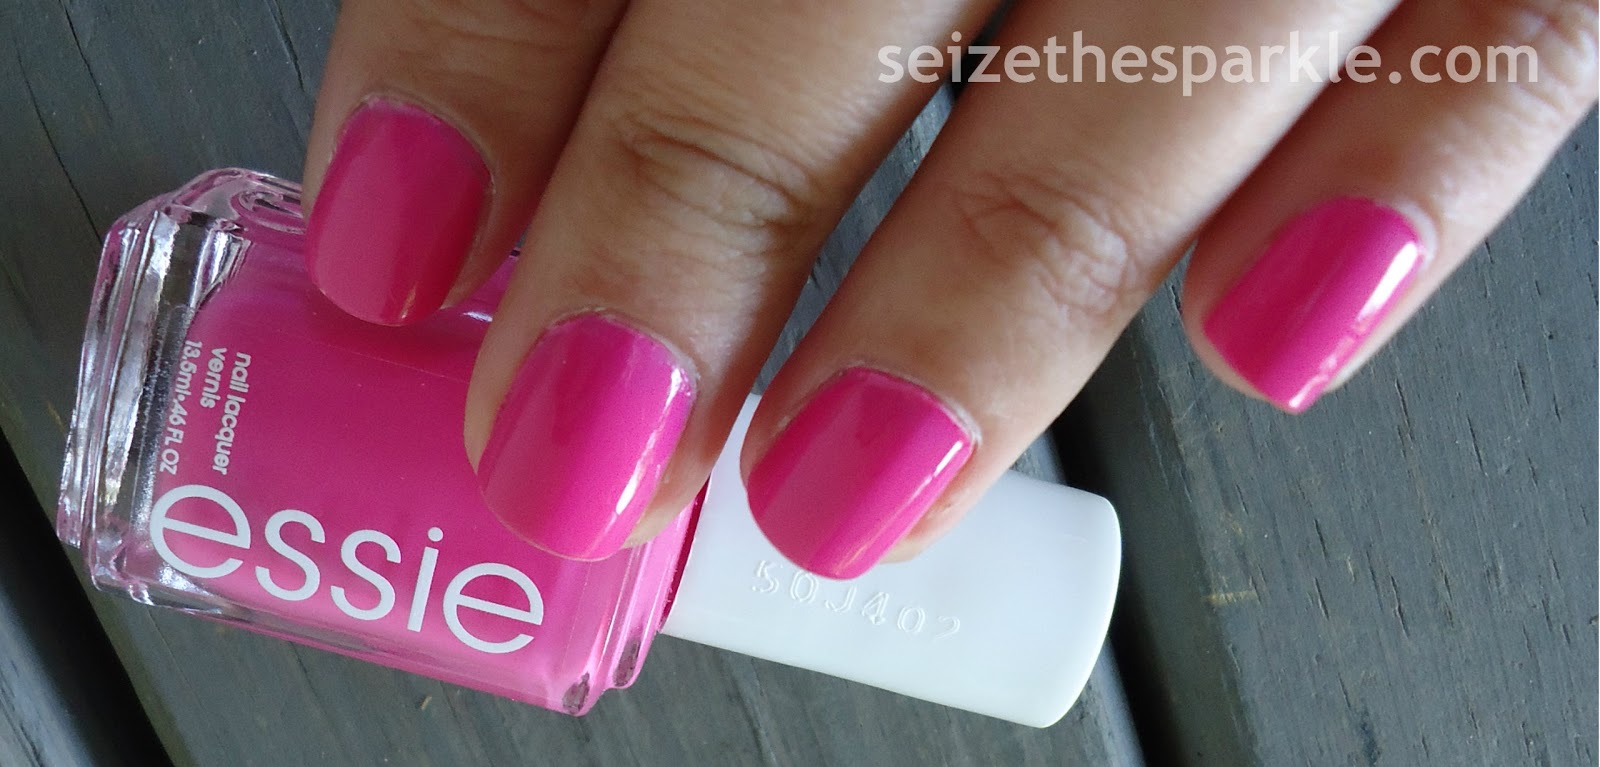 Essie Mod Square - Seize the Sparkle